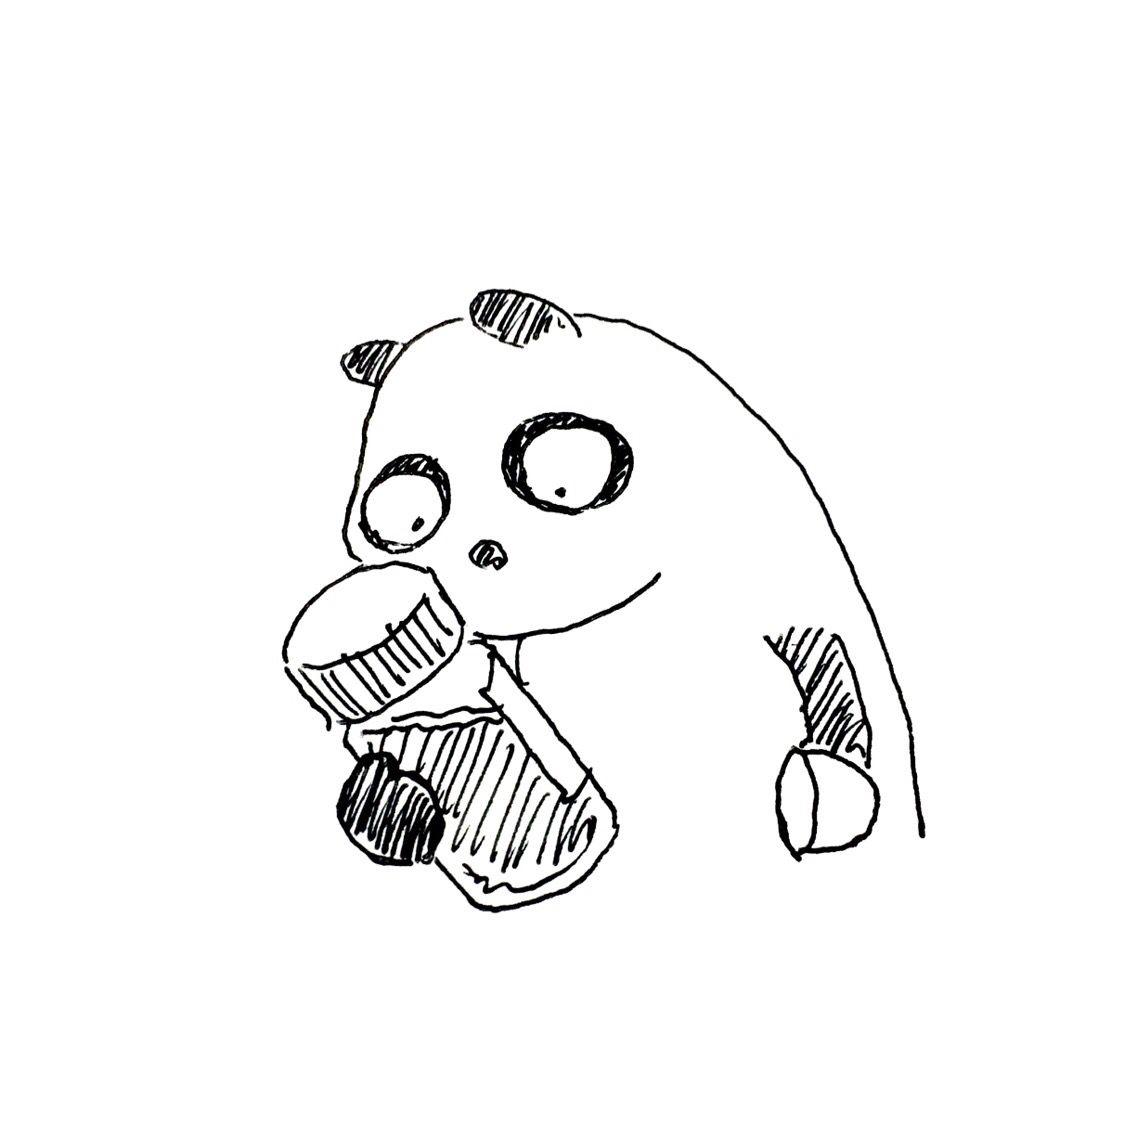 【一日一大熊猫】2016.4.5 お湯に溶かして飲むインスタントコーヒーは 最近ではレギュラーソリュブルコーヒーというんだね。 #パンダ #レギュラーソリュブルコーヒー